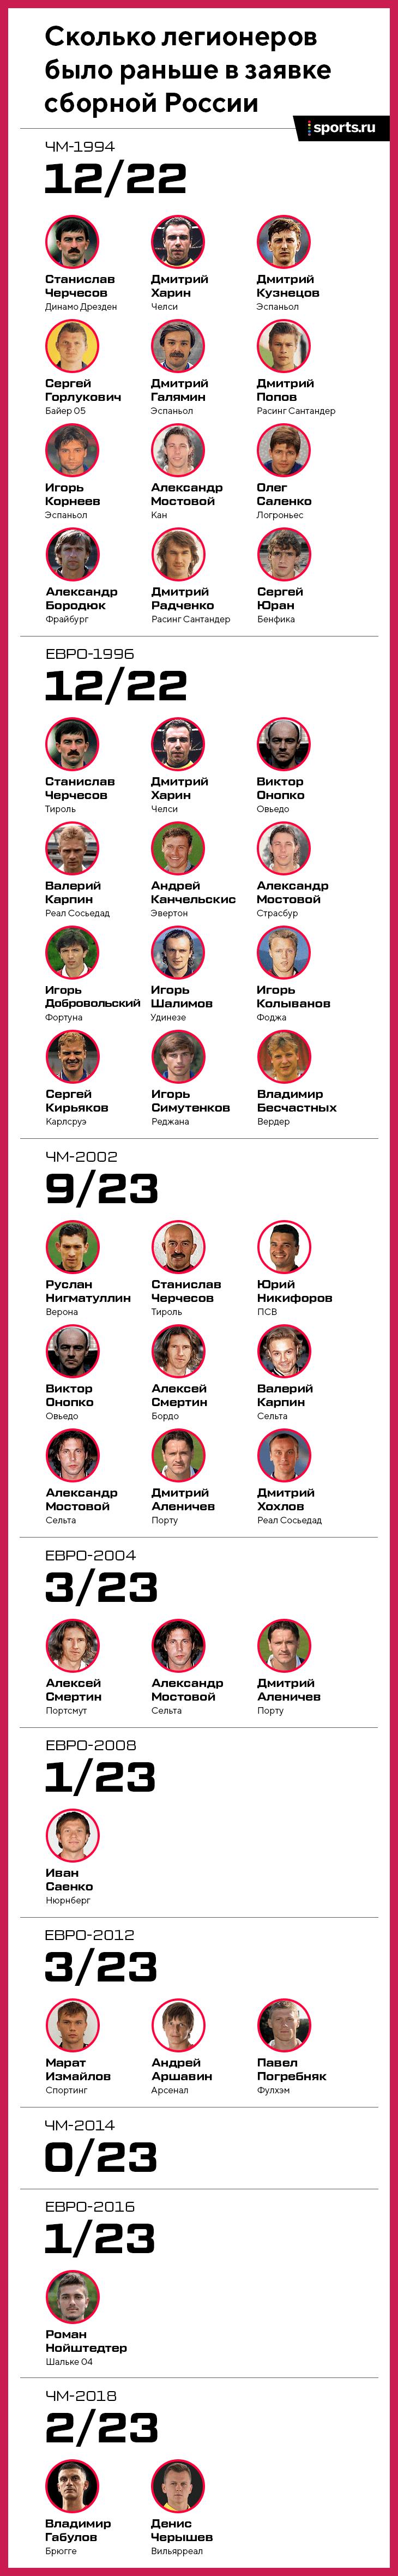 Сборная России по футболу, ЧМ-2018